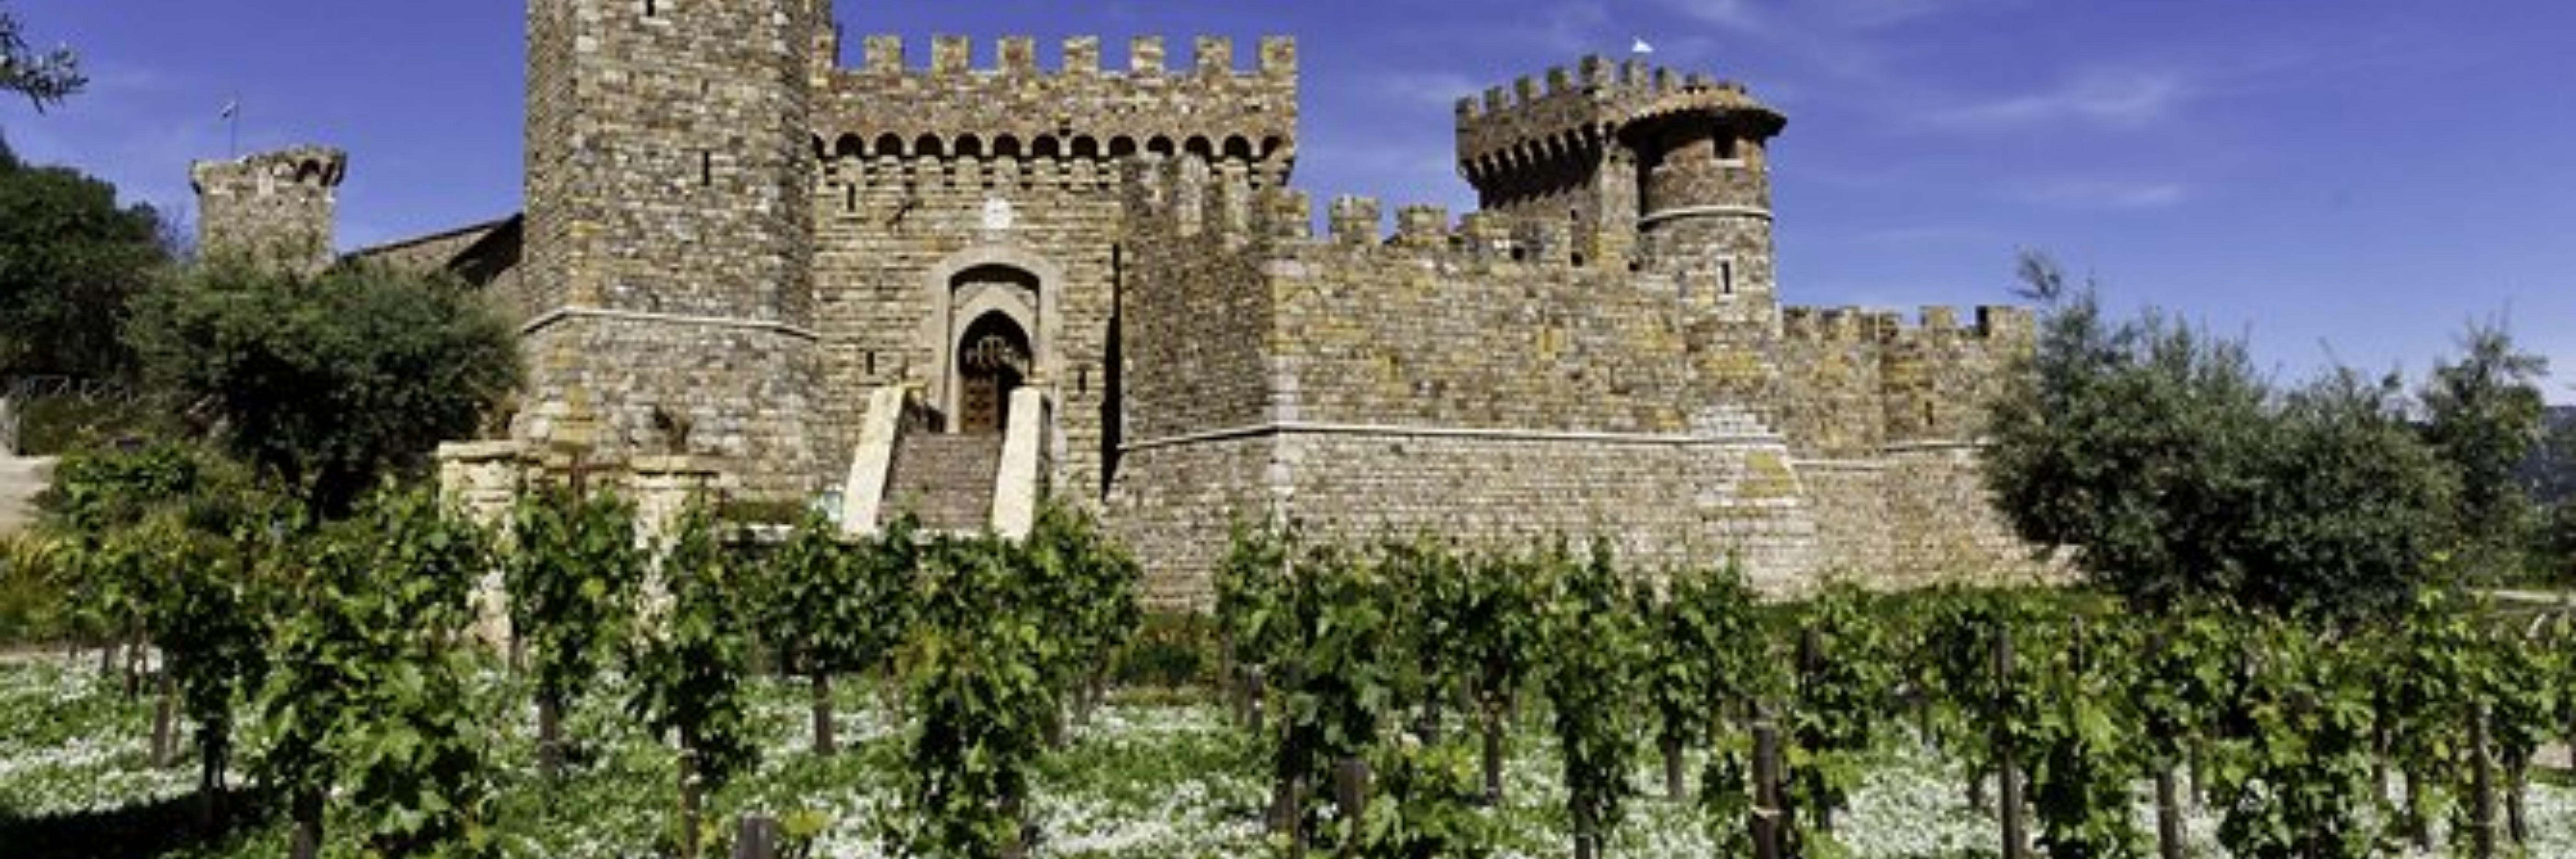 I castelli del vino